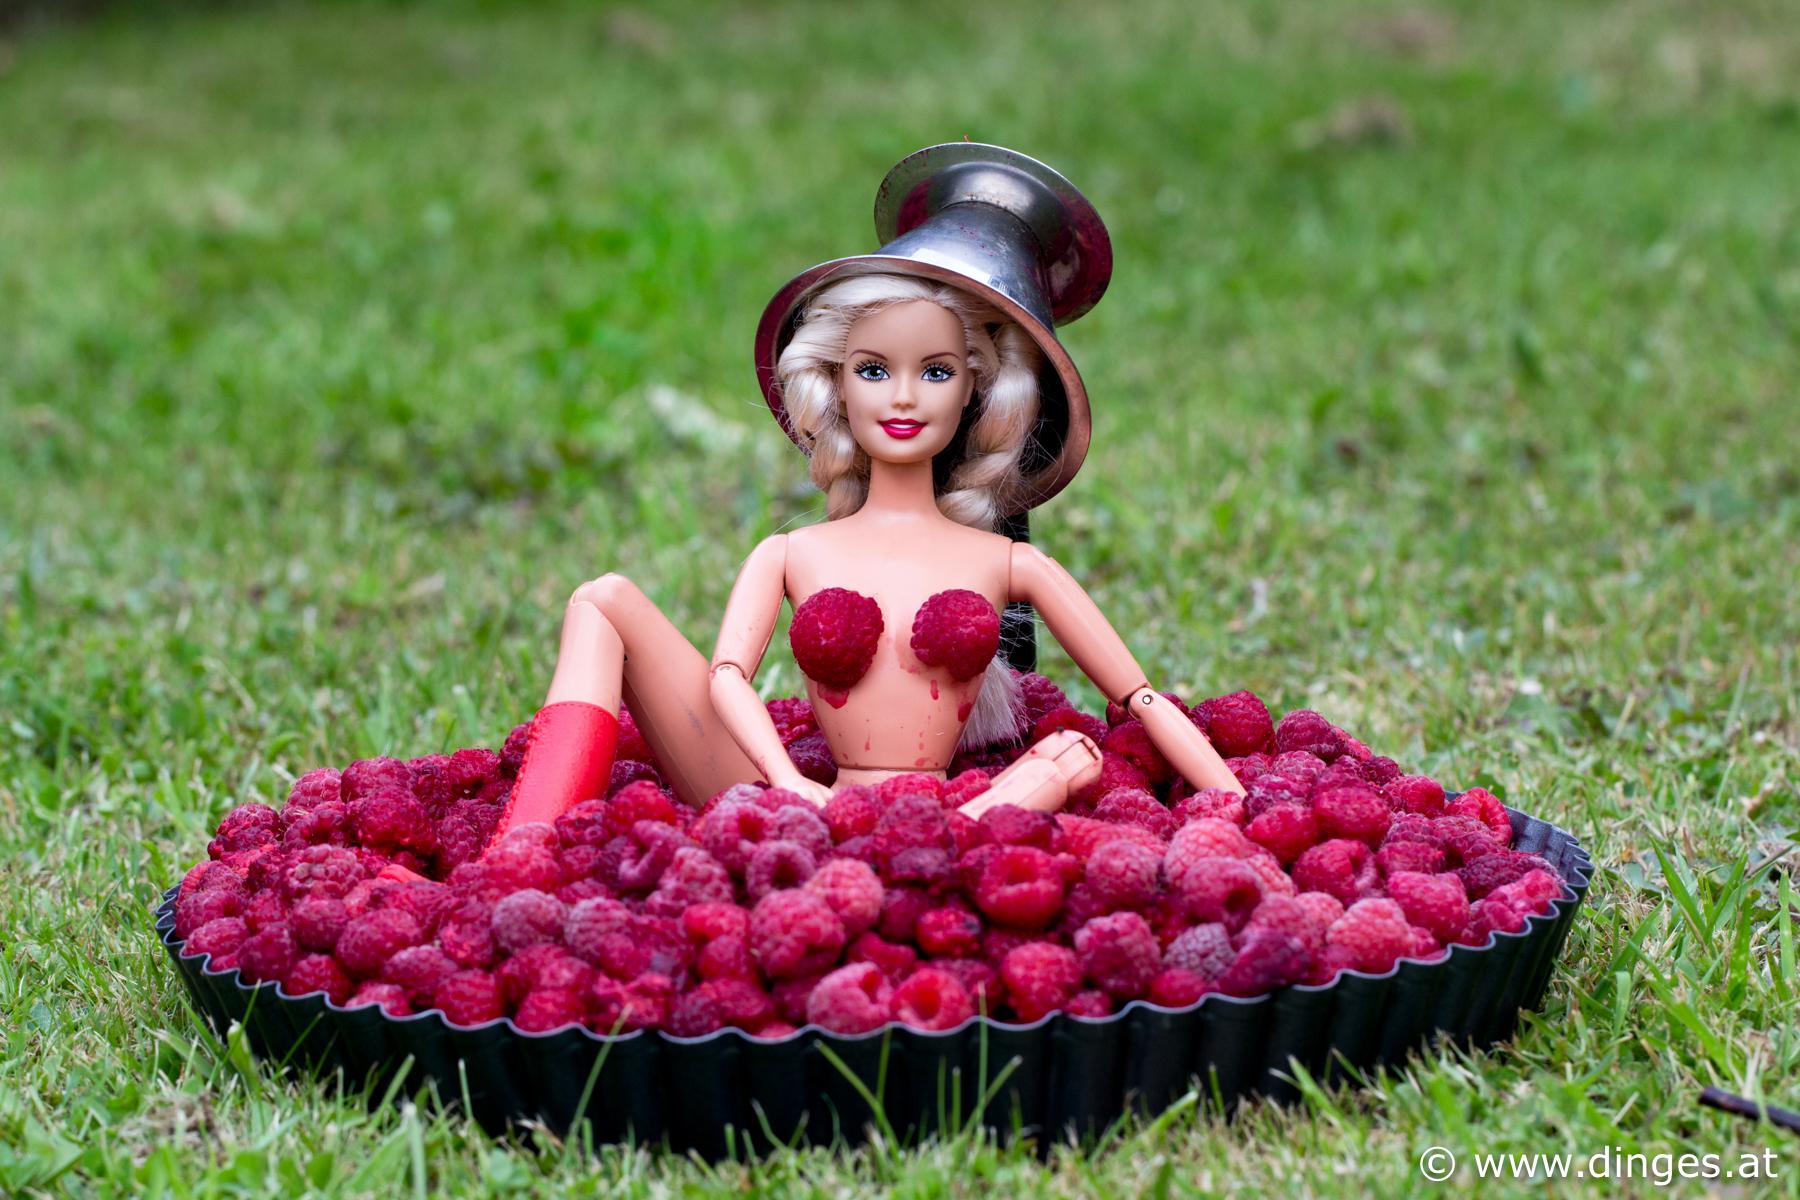 """Aus der Serie """"Eve cooking"""" lambda C PriAus der Serie """"Eve cooking"""" Lambda C Print auf Alu Dipond, Auflage 4 Stücknt auf Alu Dipond, Auflage 4 Stück"""